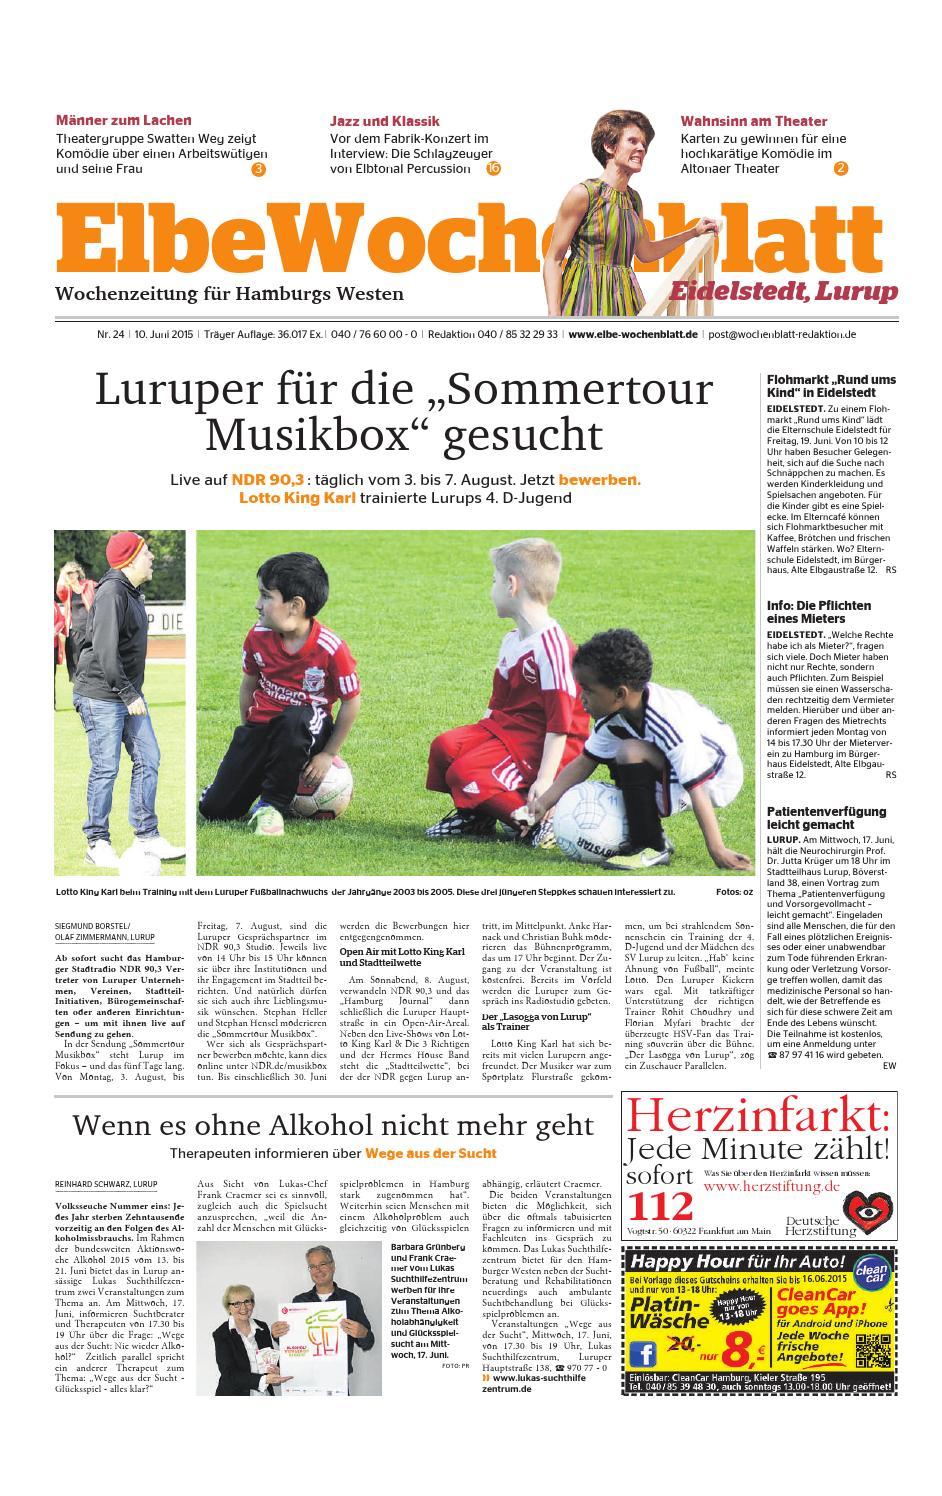 Eidelstedt KW24-2015 by Elbe Wochenblatt Verlagsgesellschaft mbH & Co.KG -  issuu